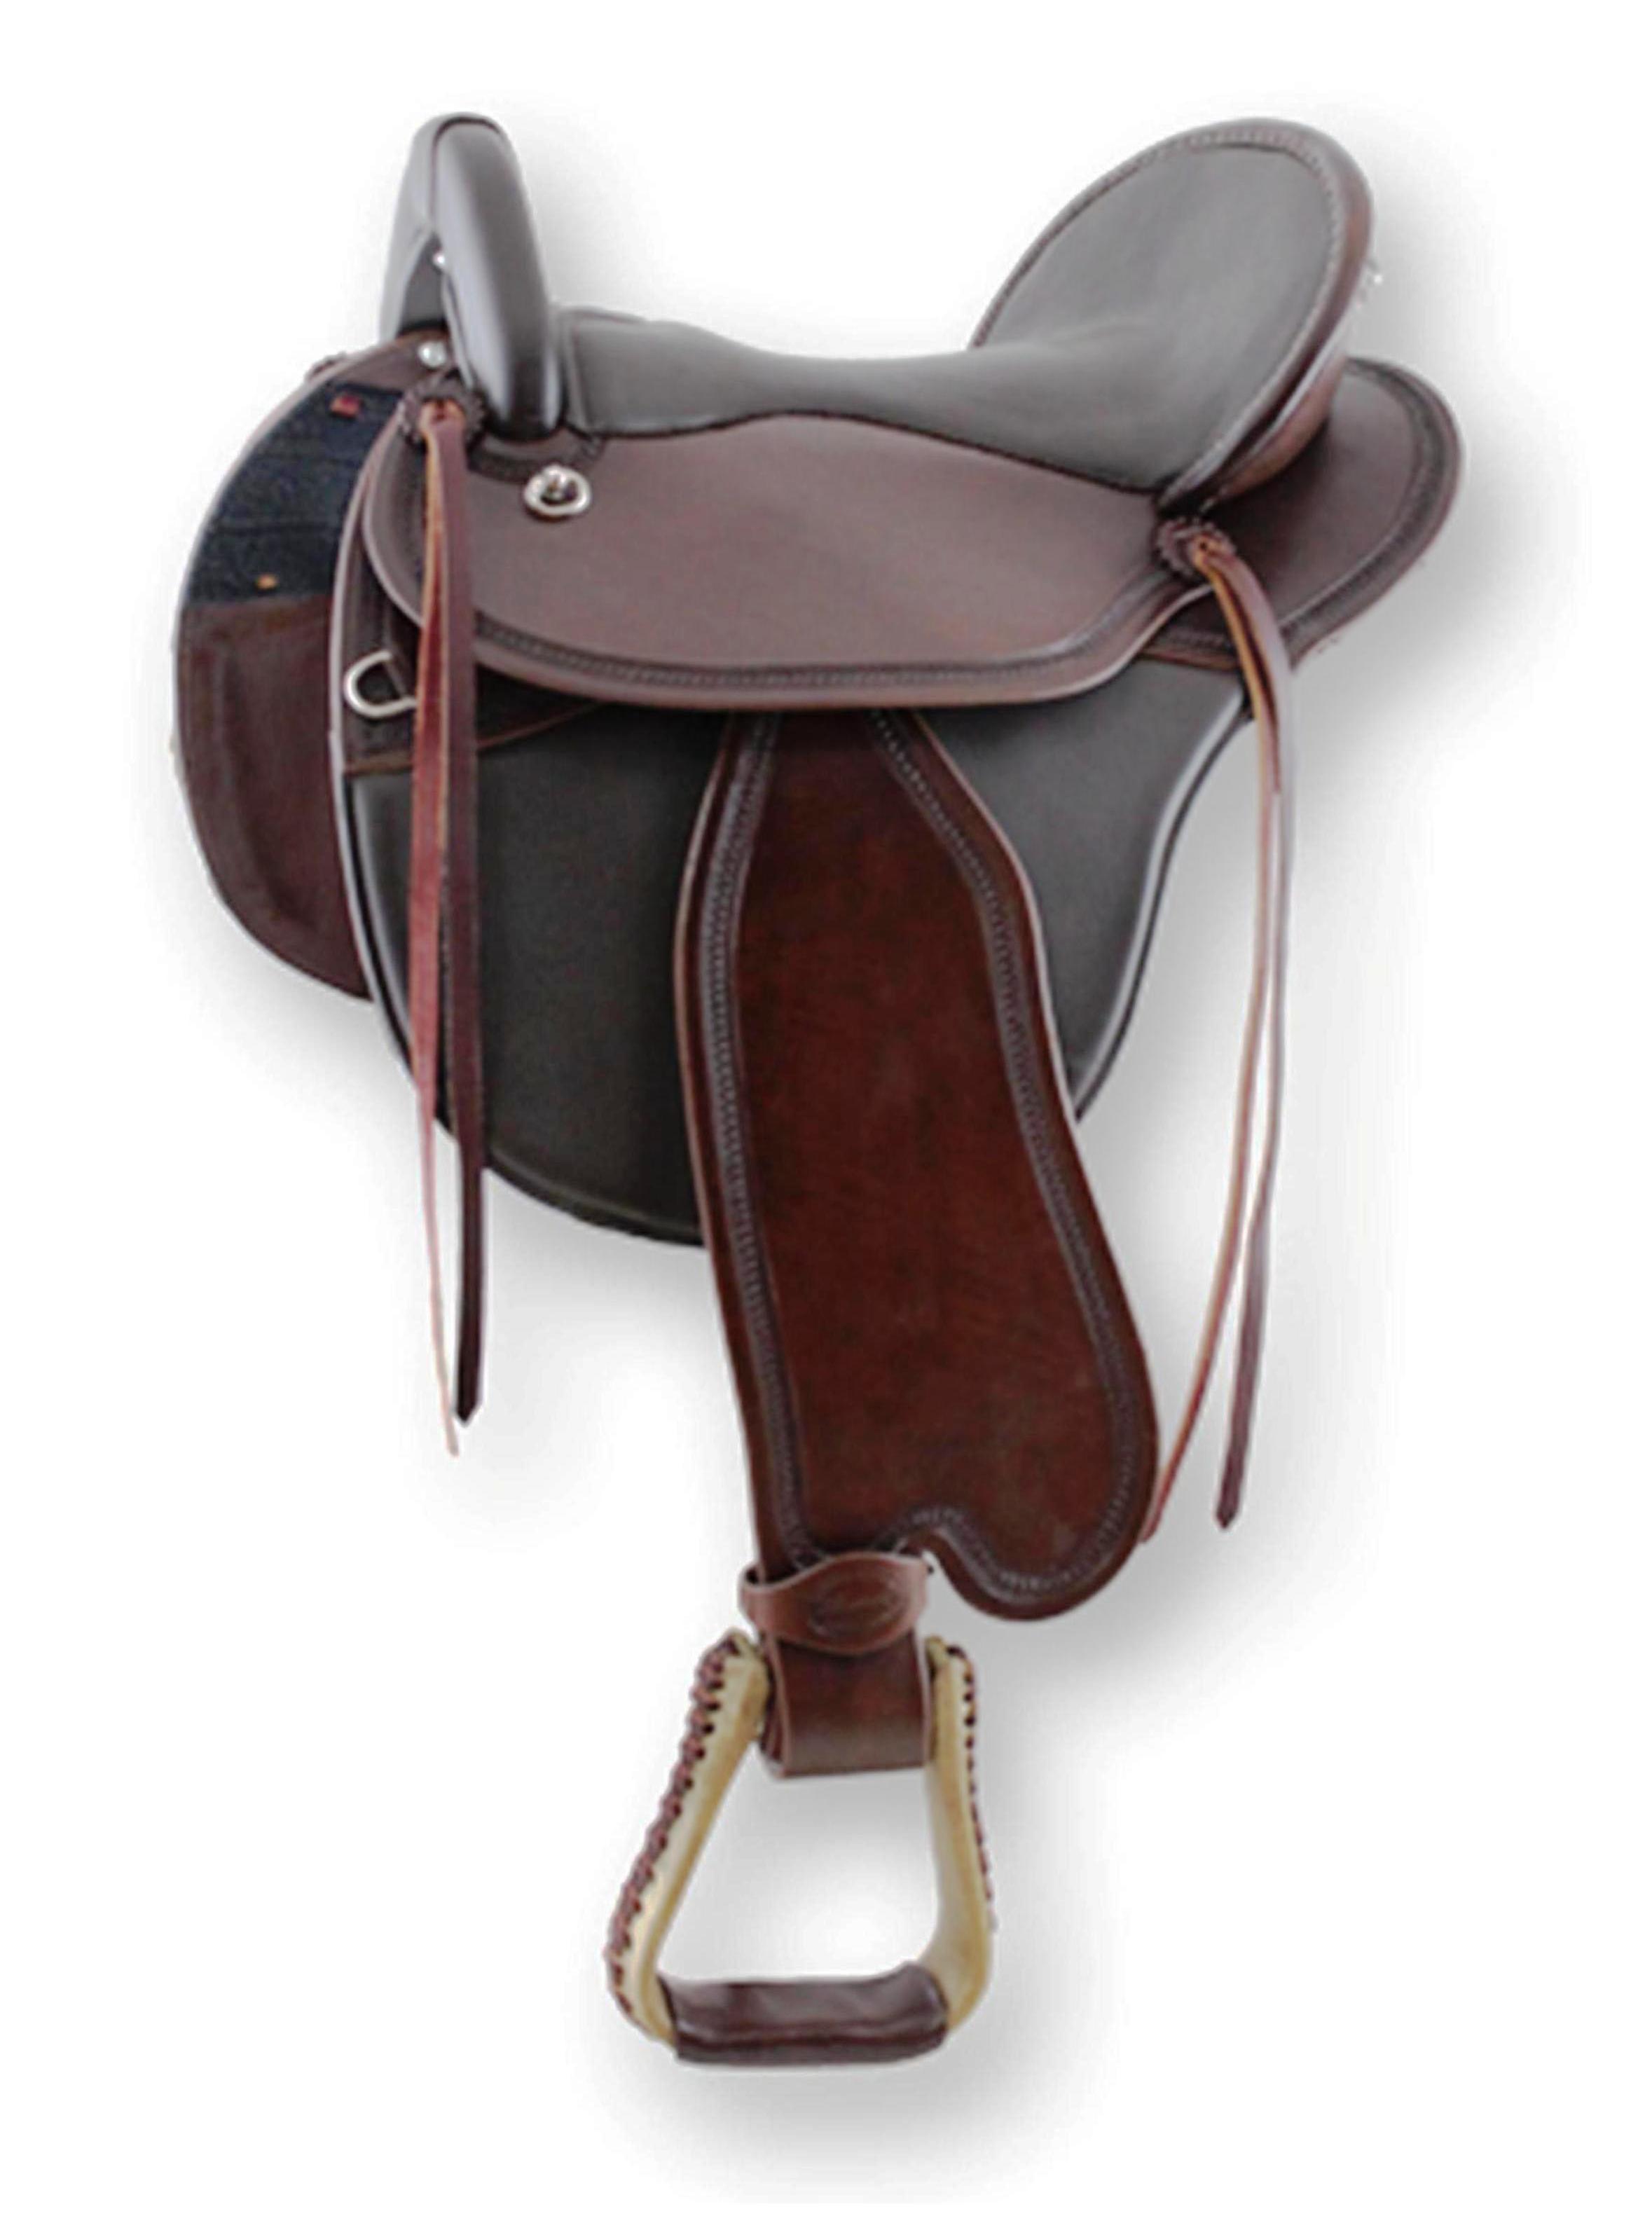 Saddles | Holistic Equine Saddlery & Tack